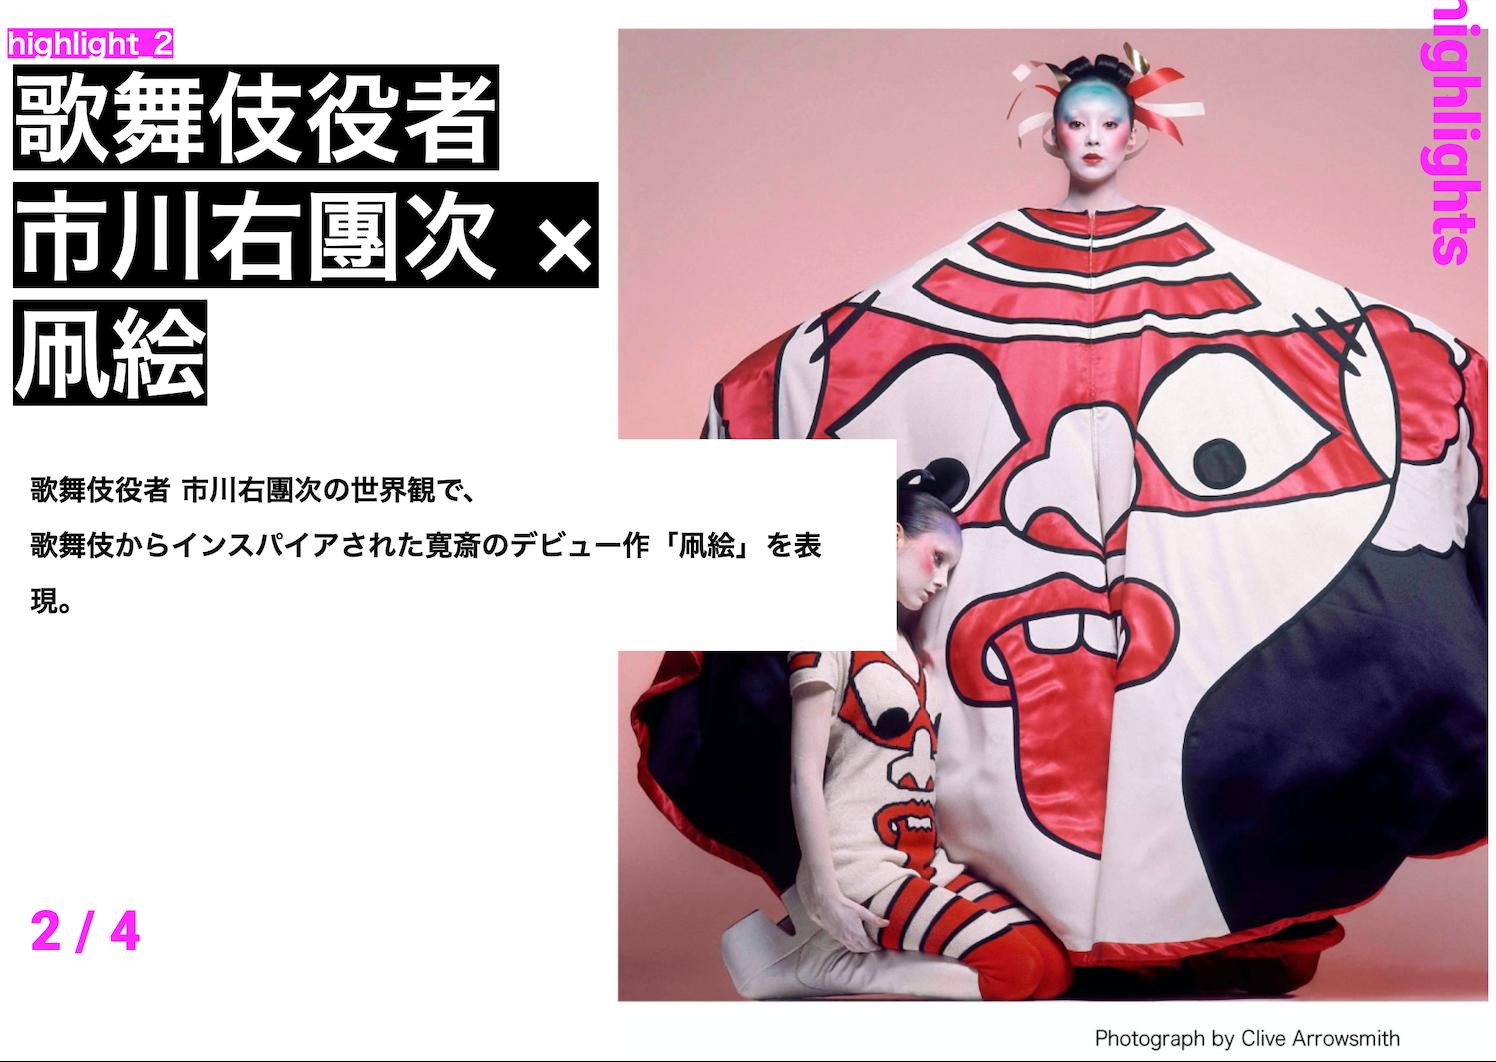 让时尚为传统文化呐喊!日本时装设计大师山本宽斋后半生追求的事业:Nippon Genki